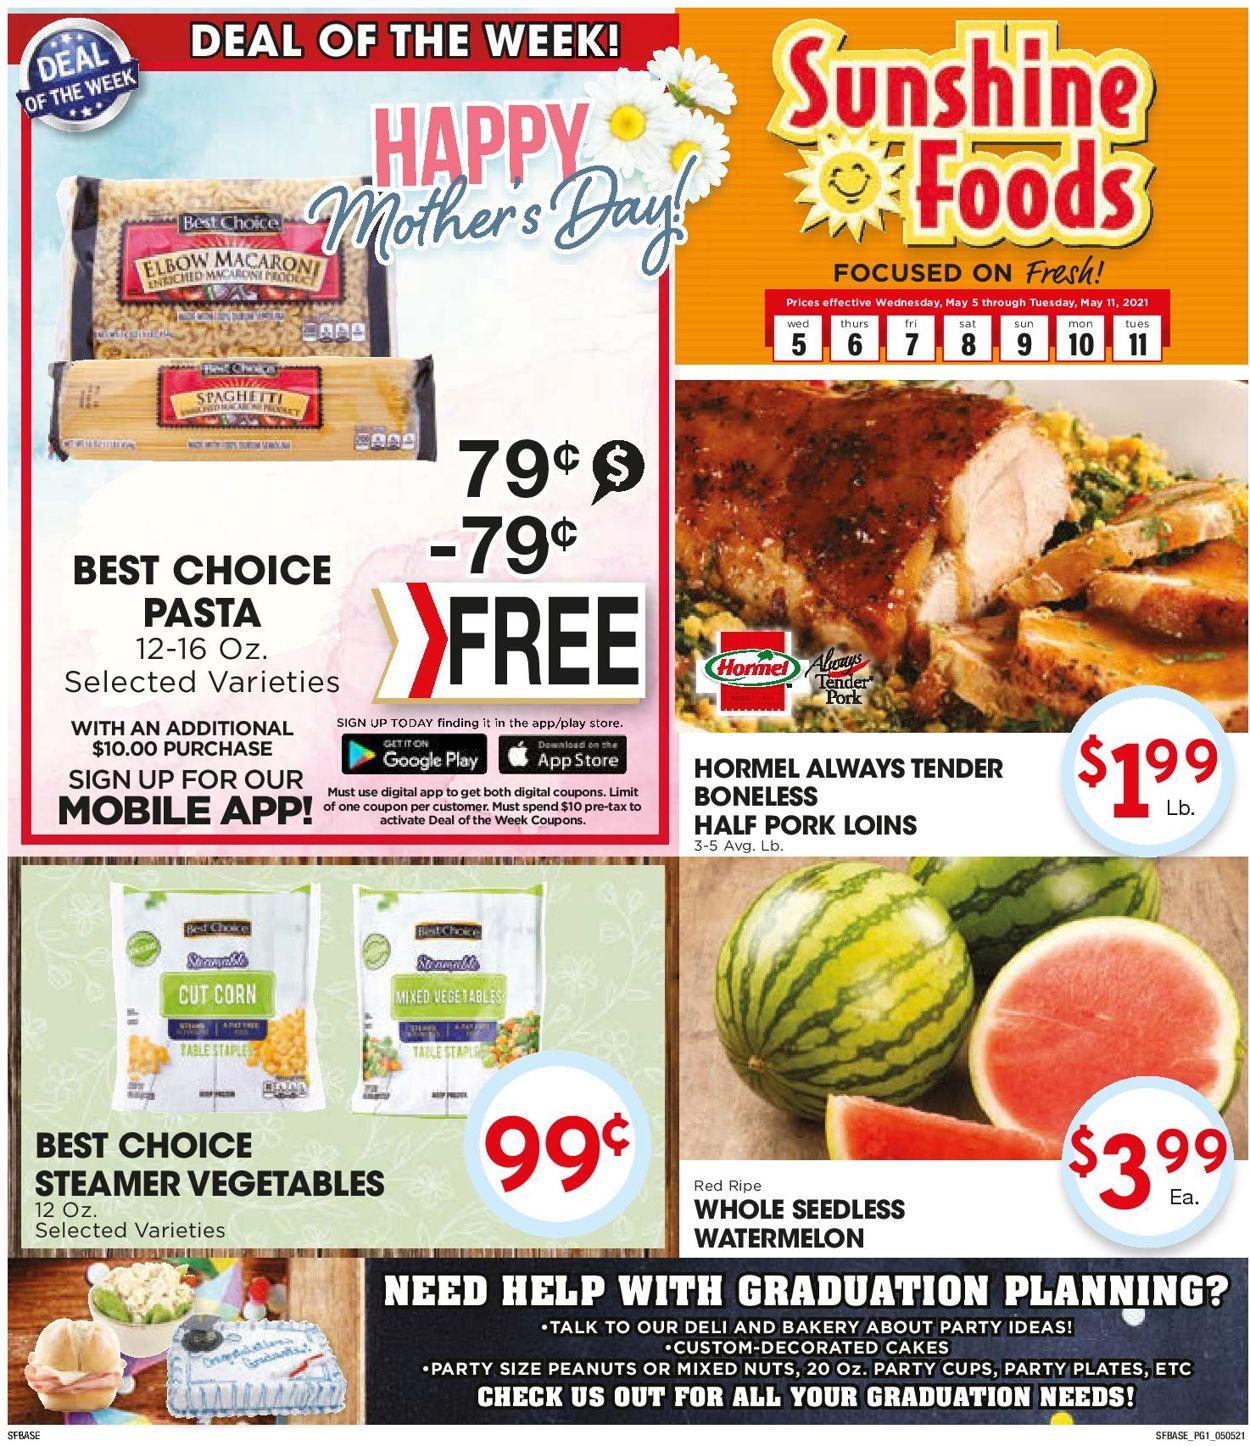 Sunshine Foods Weekly Ad Circular - valid 05/05-05/11/2021